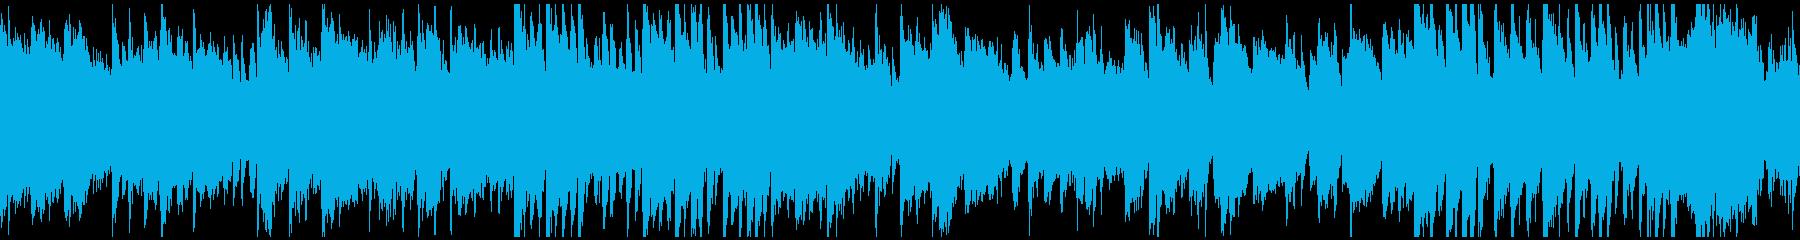 篠笛、ピアノ、和太鼓の曲 ※ループ仕様版の再生済みの波形